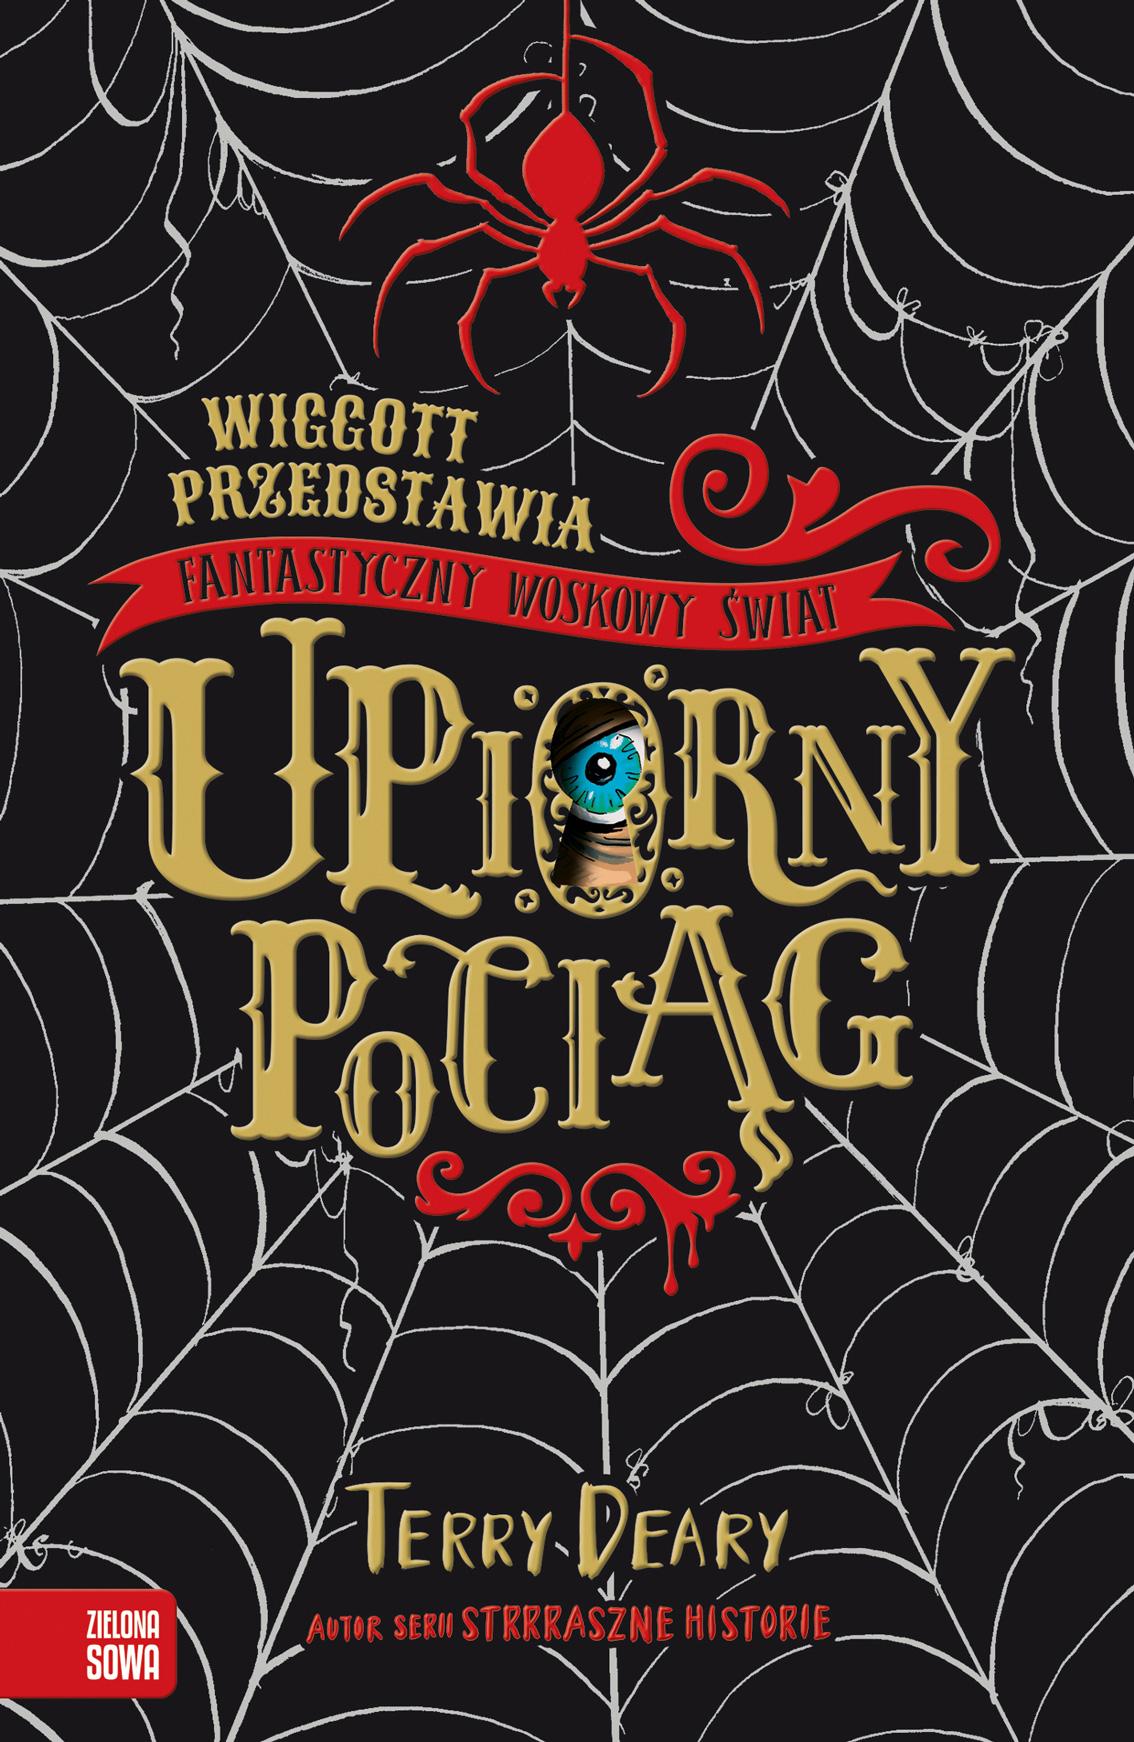 Wiggott przedstawia Fantastyczny Woskowy Świat. Upiorny pociąg Terry Deary